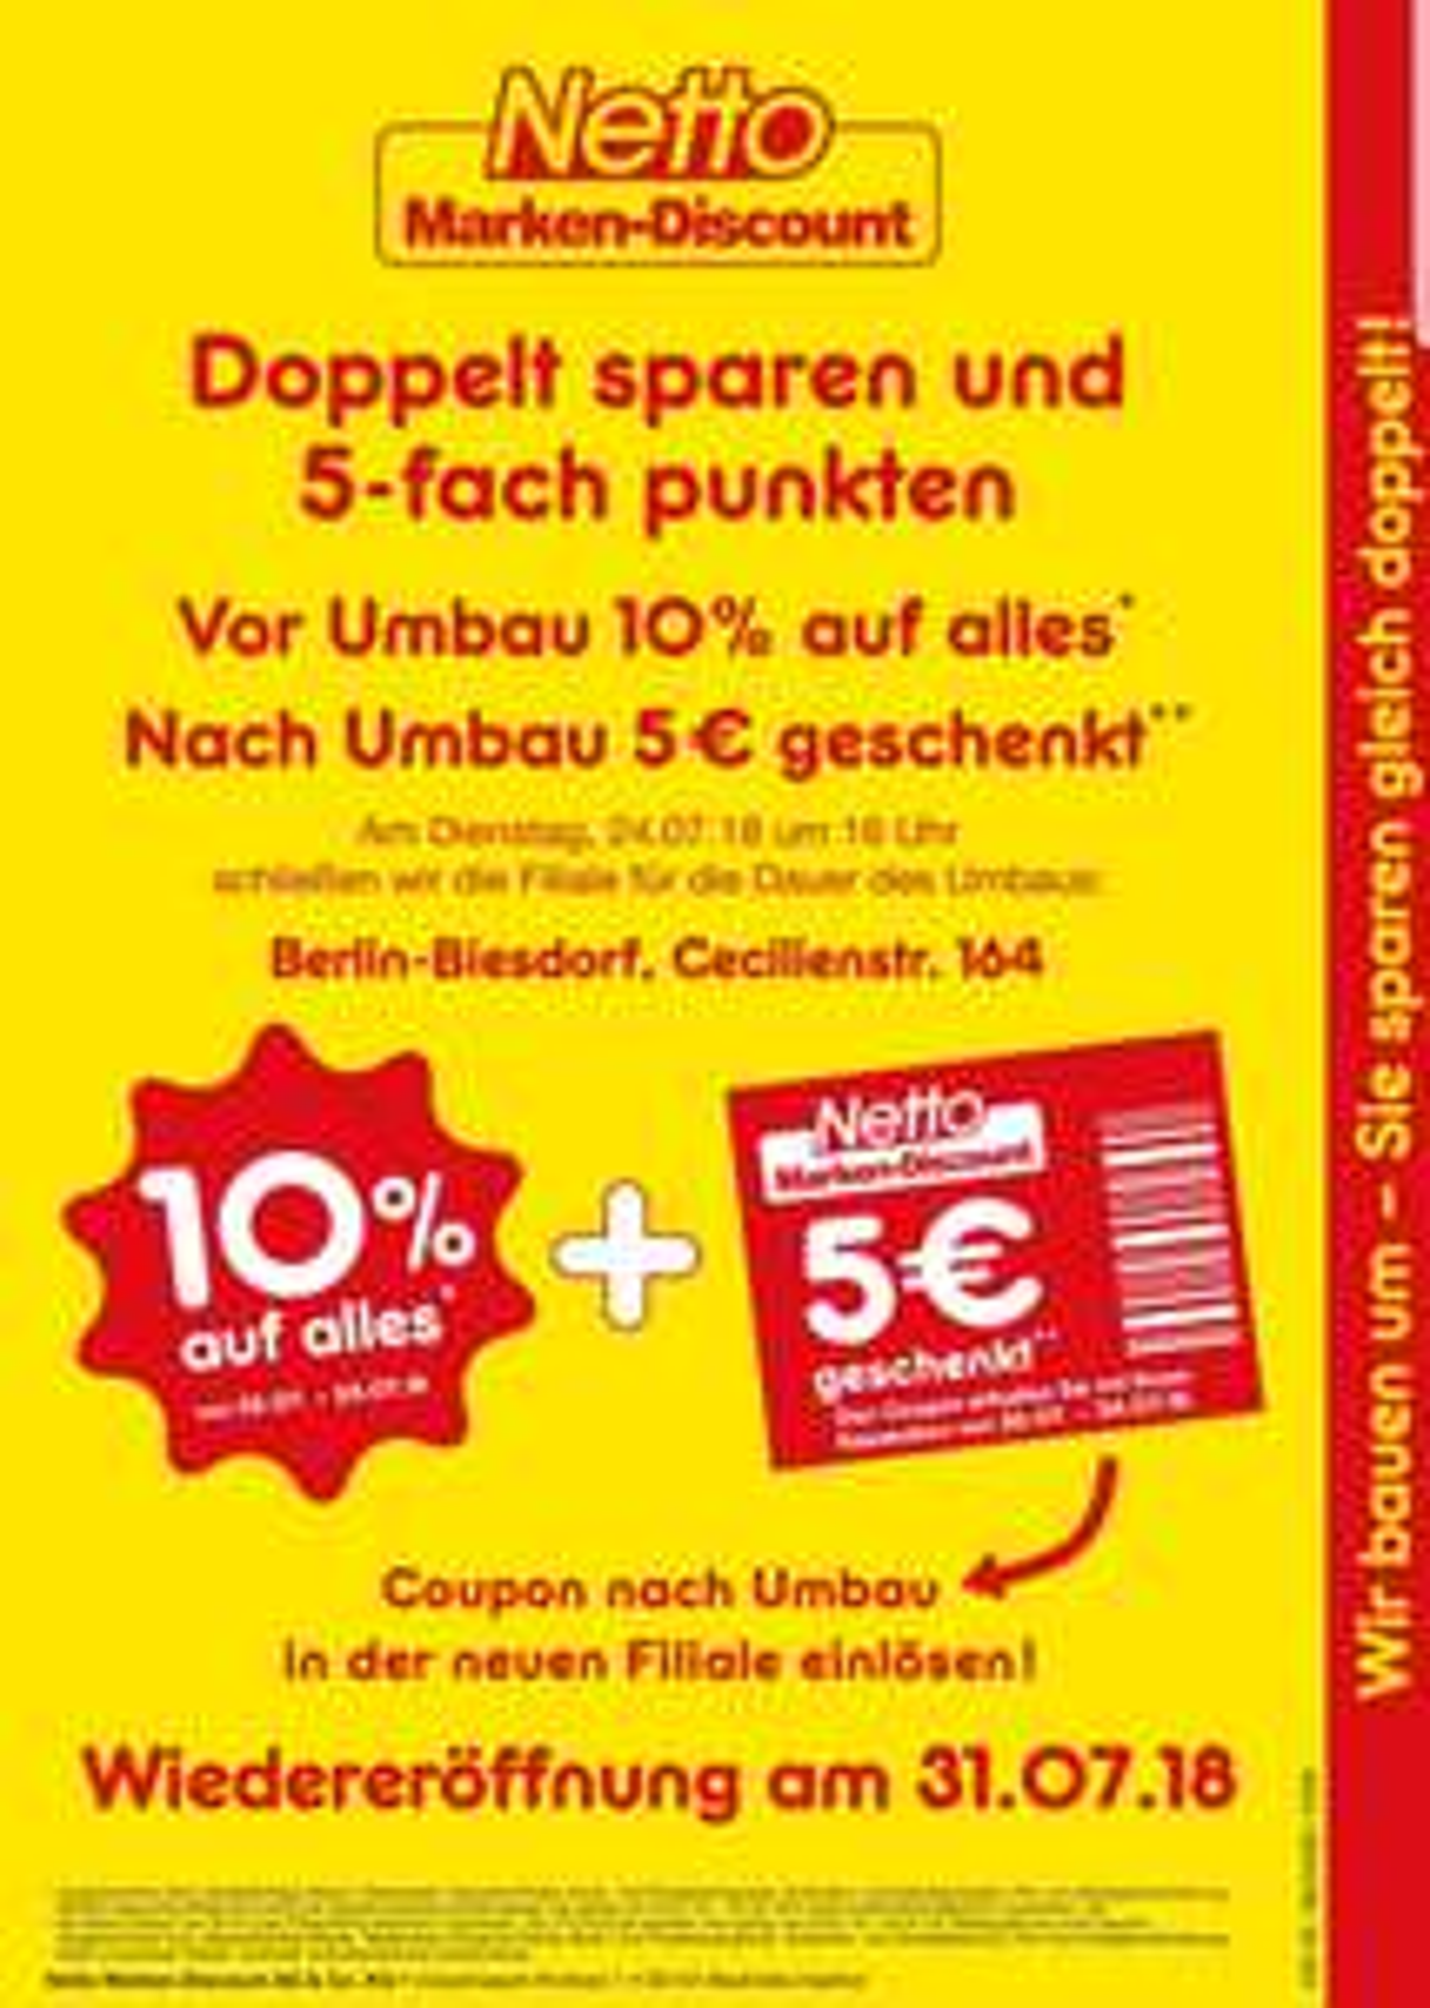 [Berlin-Biesdorf lokal] 28% Rabatt durch Optimierung des Umbauangebots auf nahezu alles bei Netto möglich